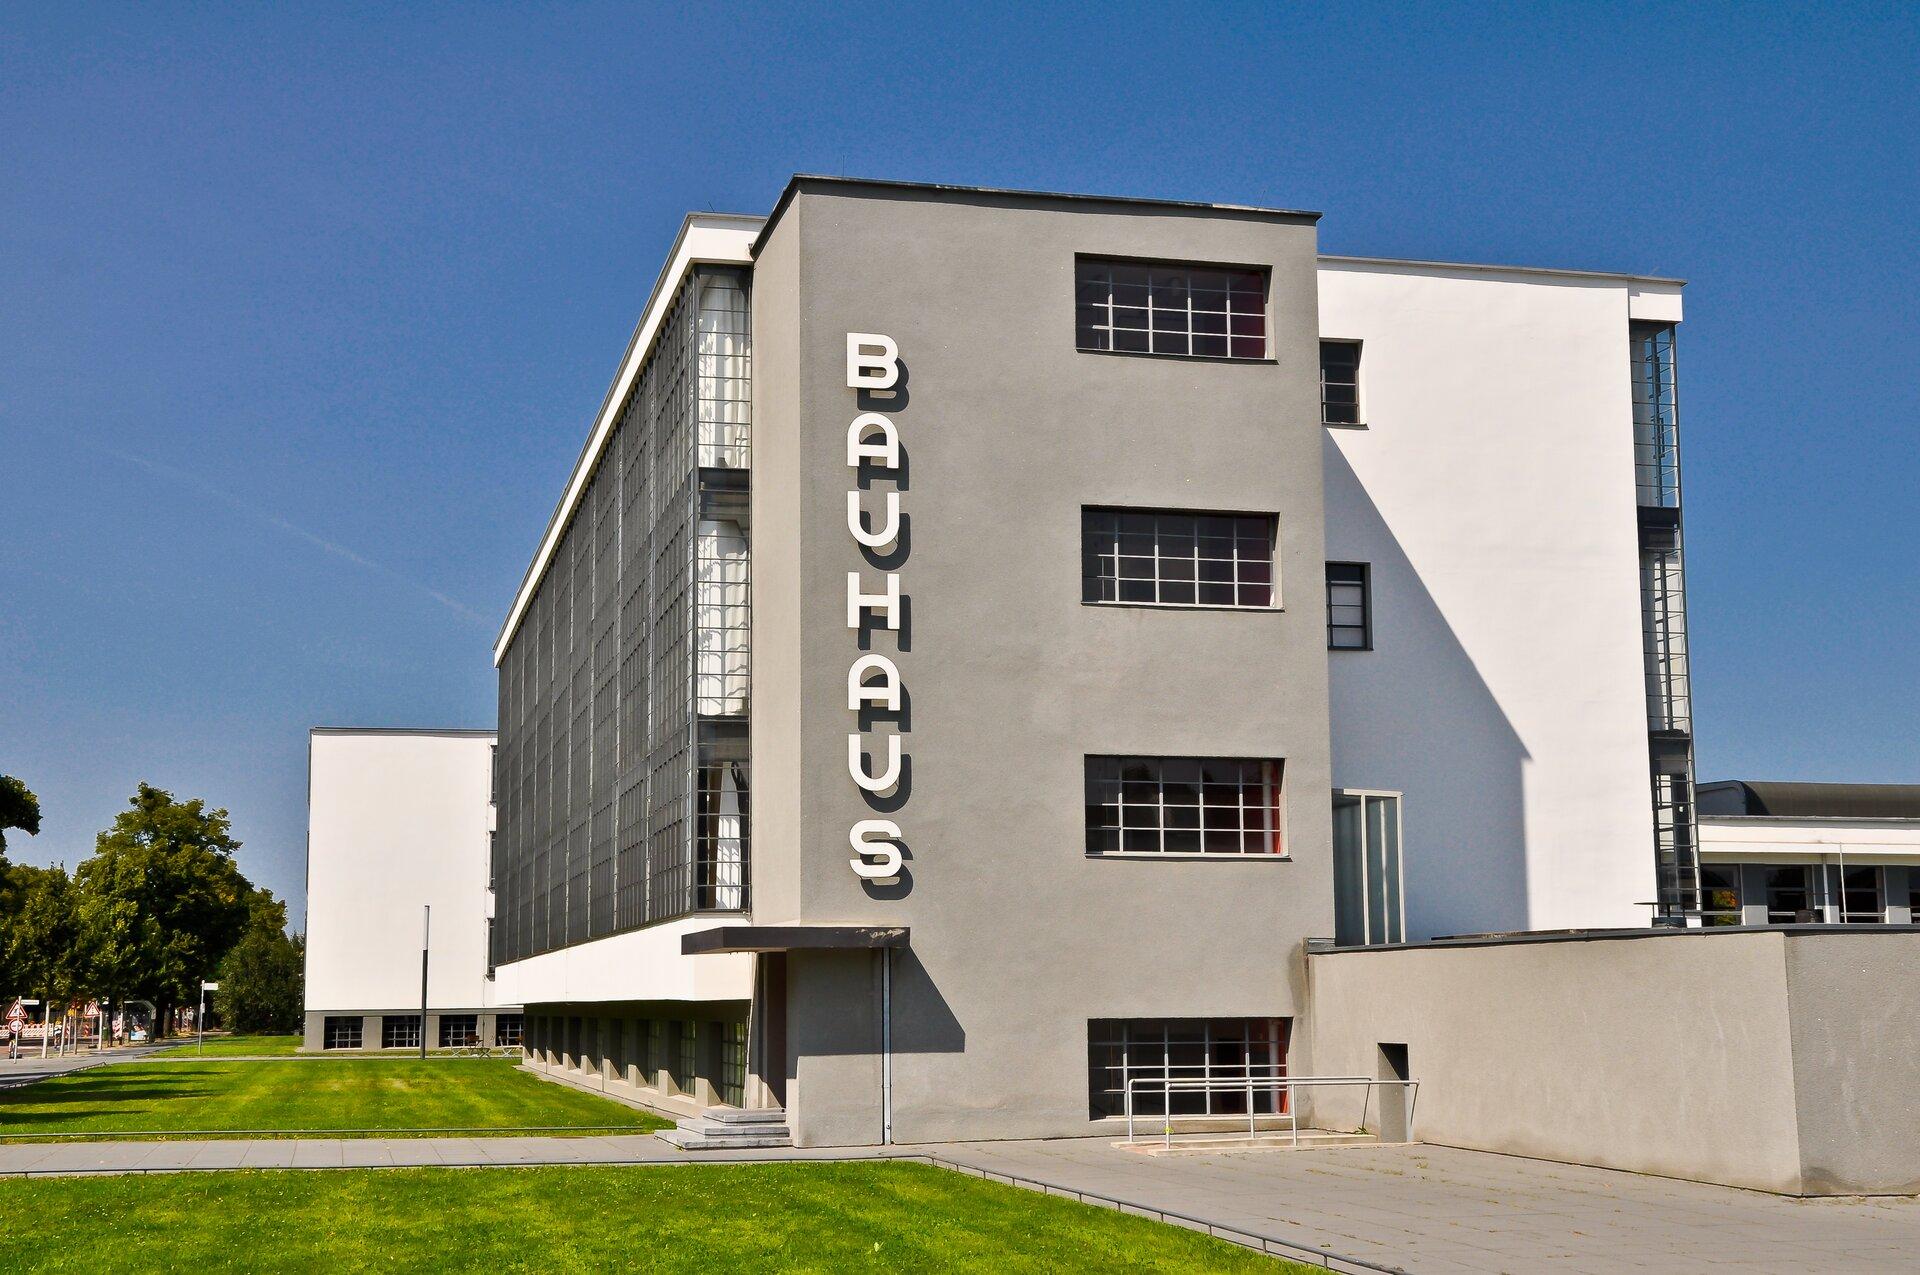 Ilustracja przedstawia budynek Bauhausu wDessau.